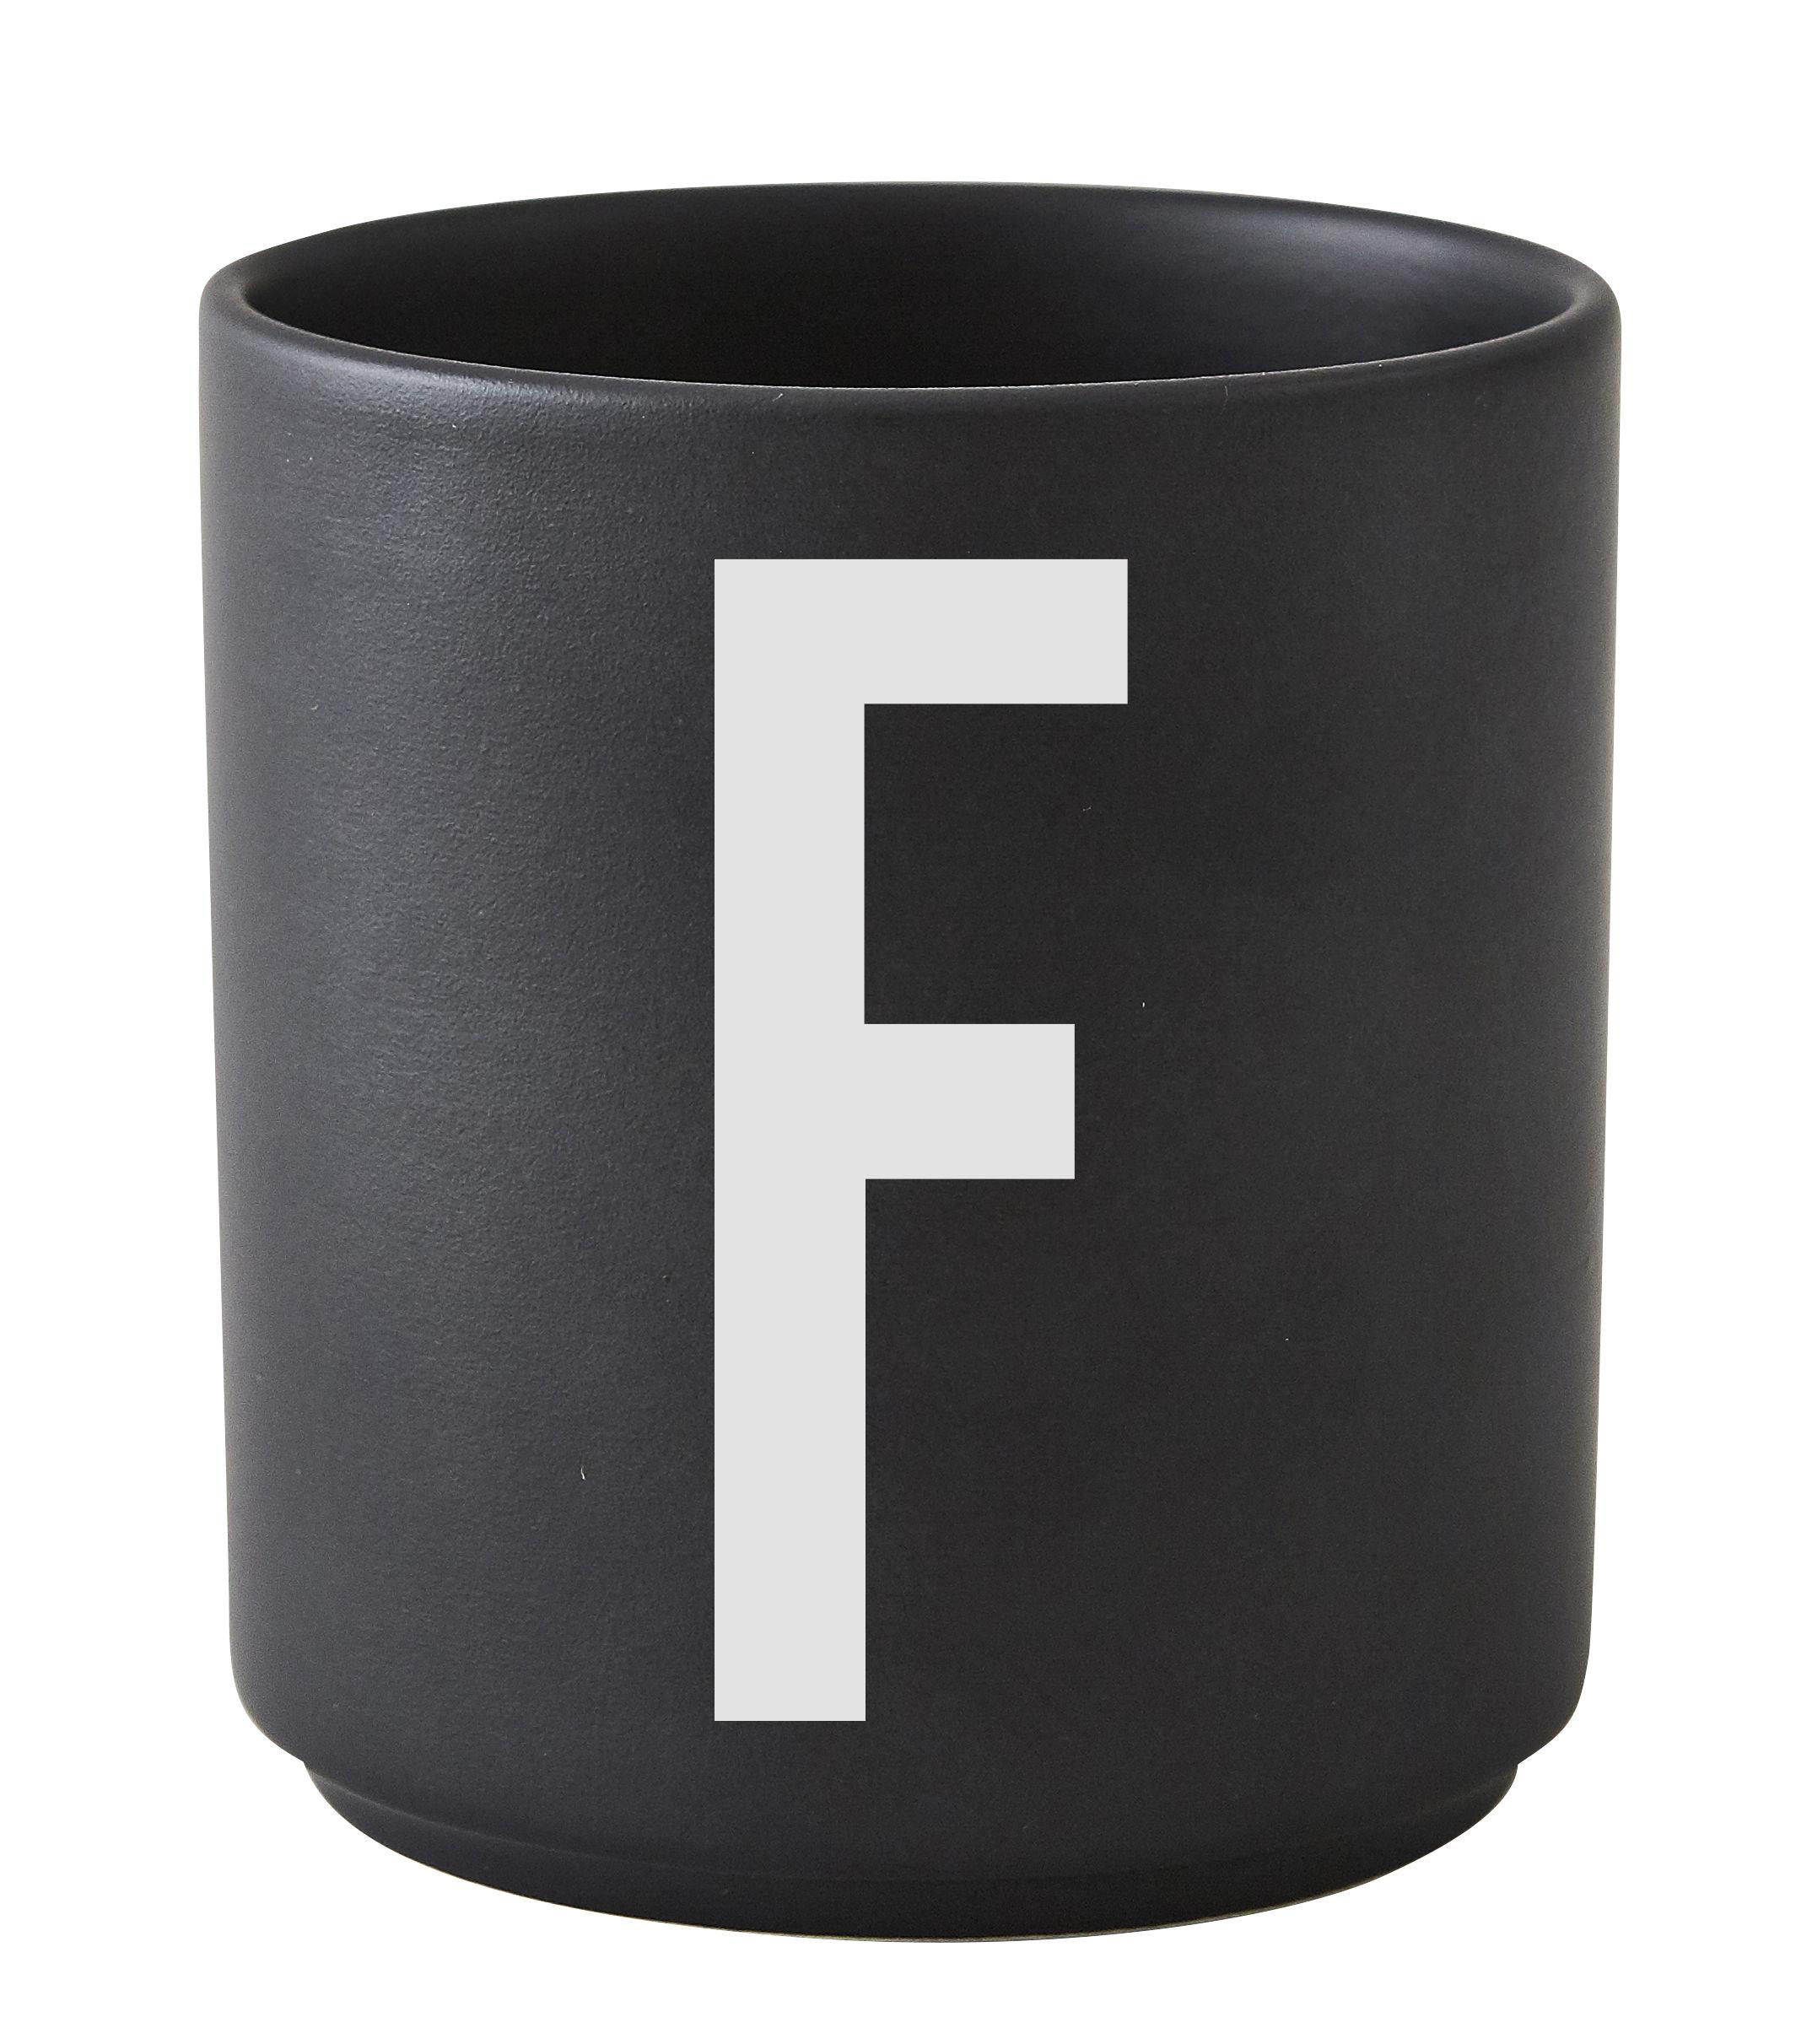 Arts de la table - Tasses et mugs - Mug Arne Jacobsen / Porcelaine - Lettre F - Design Letters - Noir / Lettre F - Porcelaine de Chine